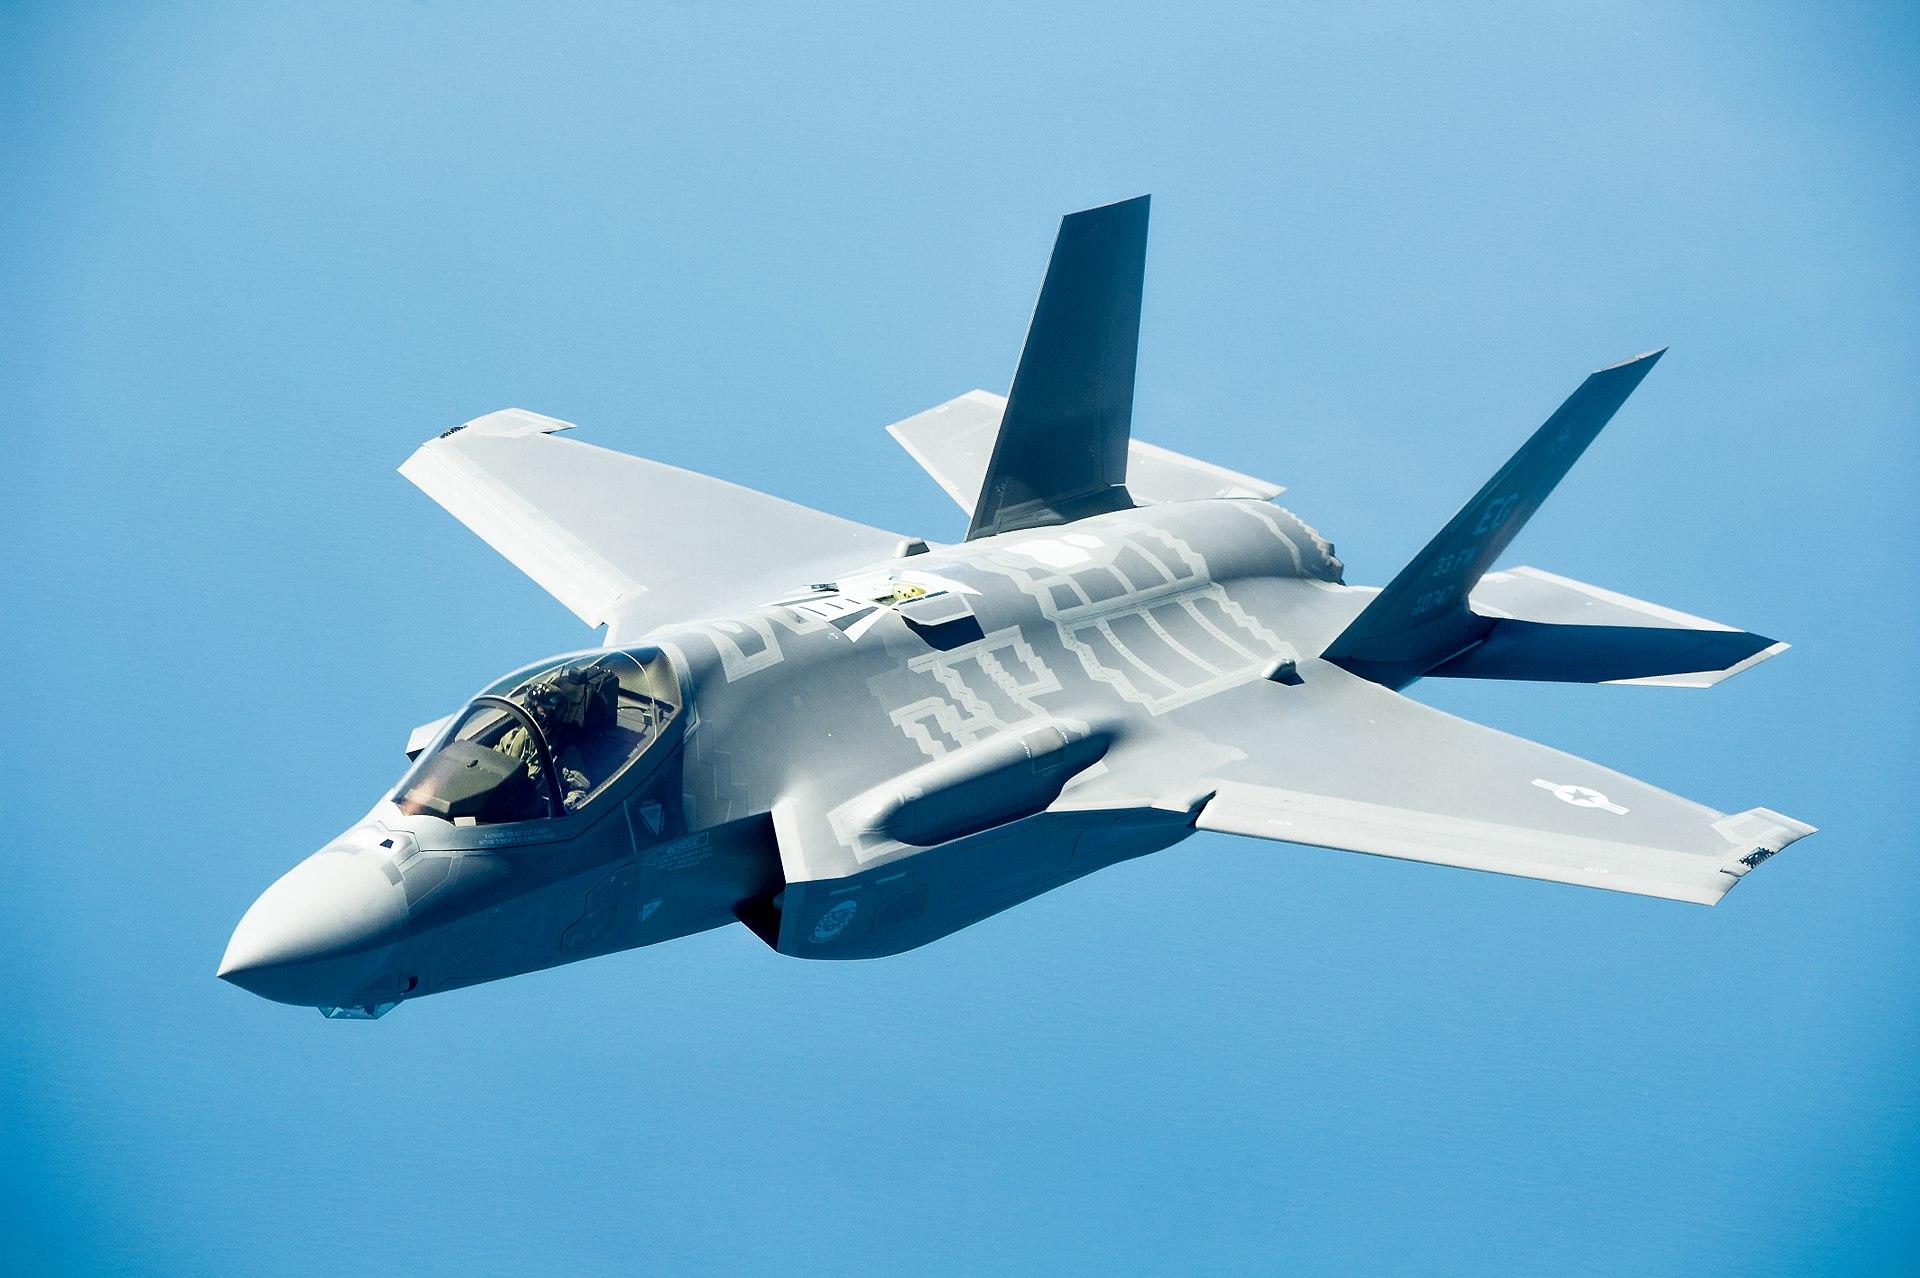 Szef MON: Na początku przyszłego roku szczegóły dot. umowy na zakup F-35